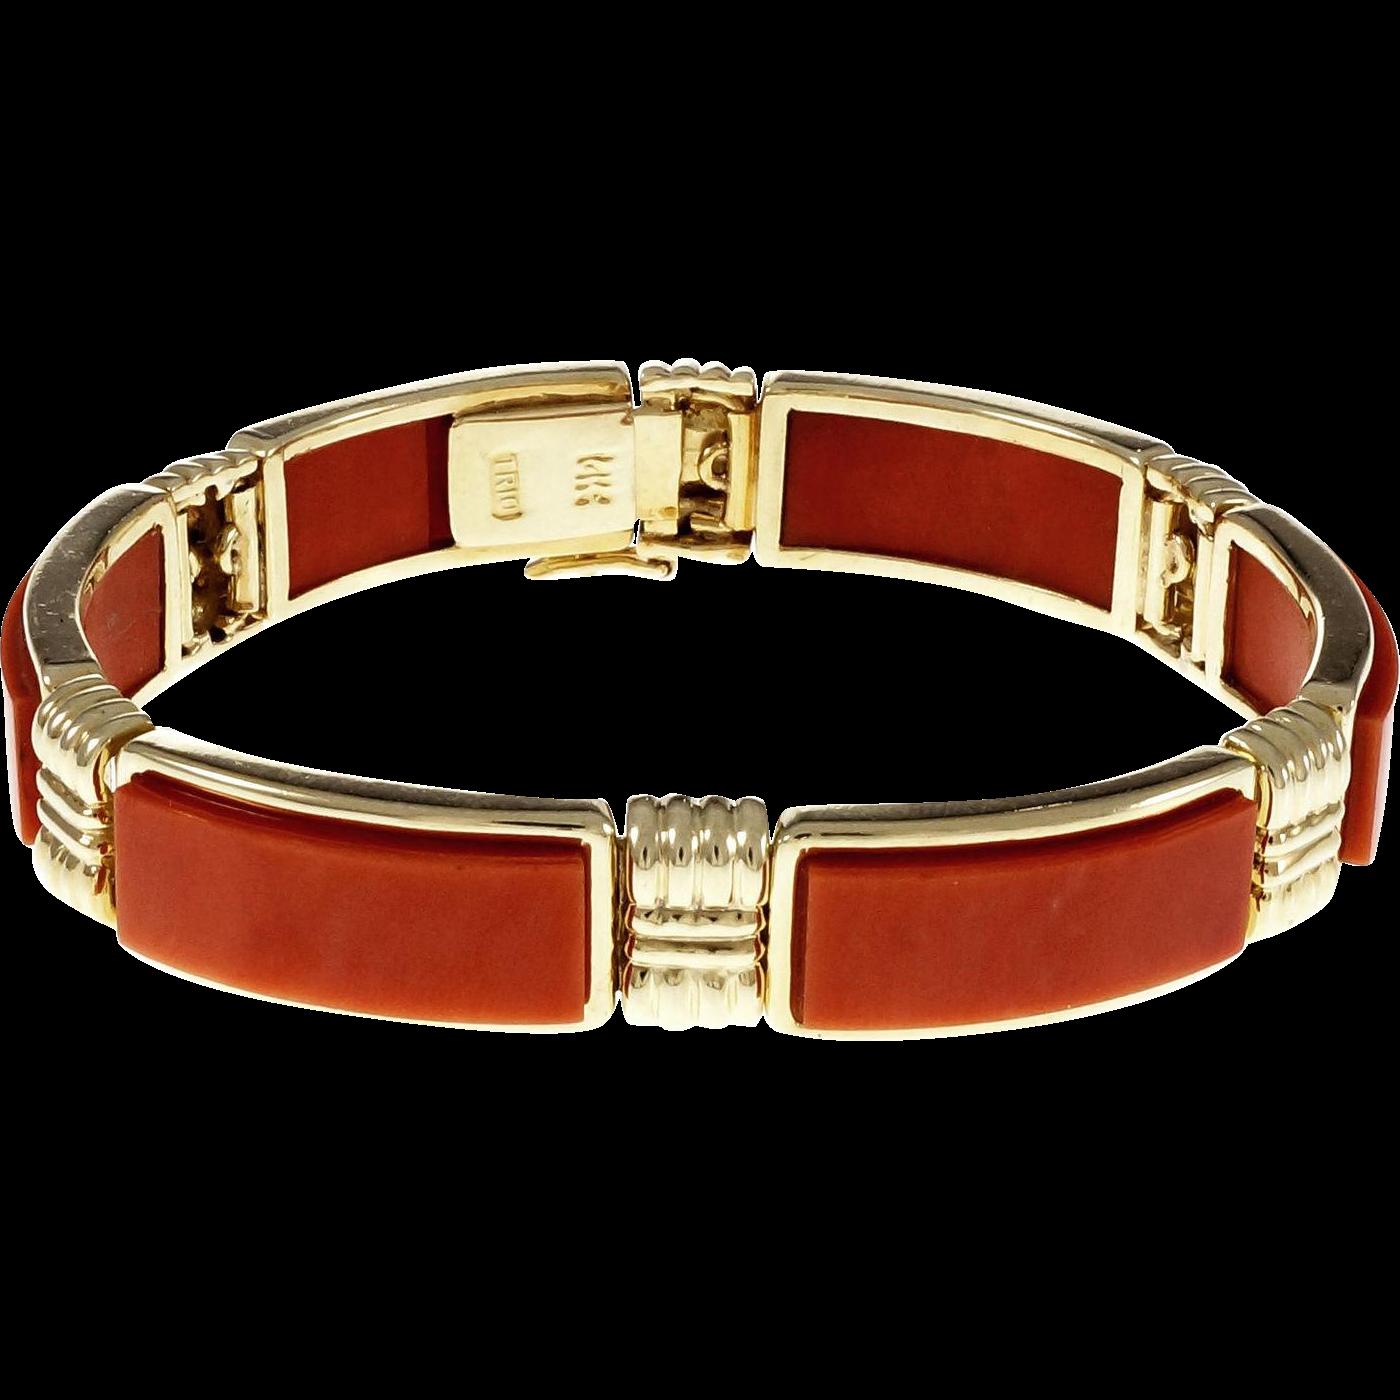 GIA Certified Coral 14 Karat Yellow Gold Bracelet